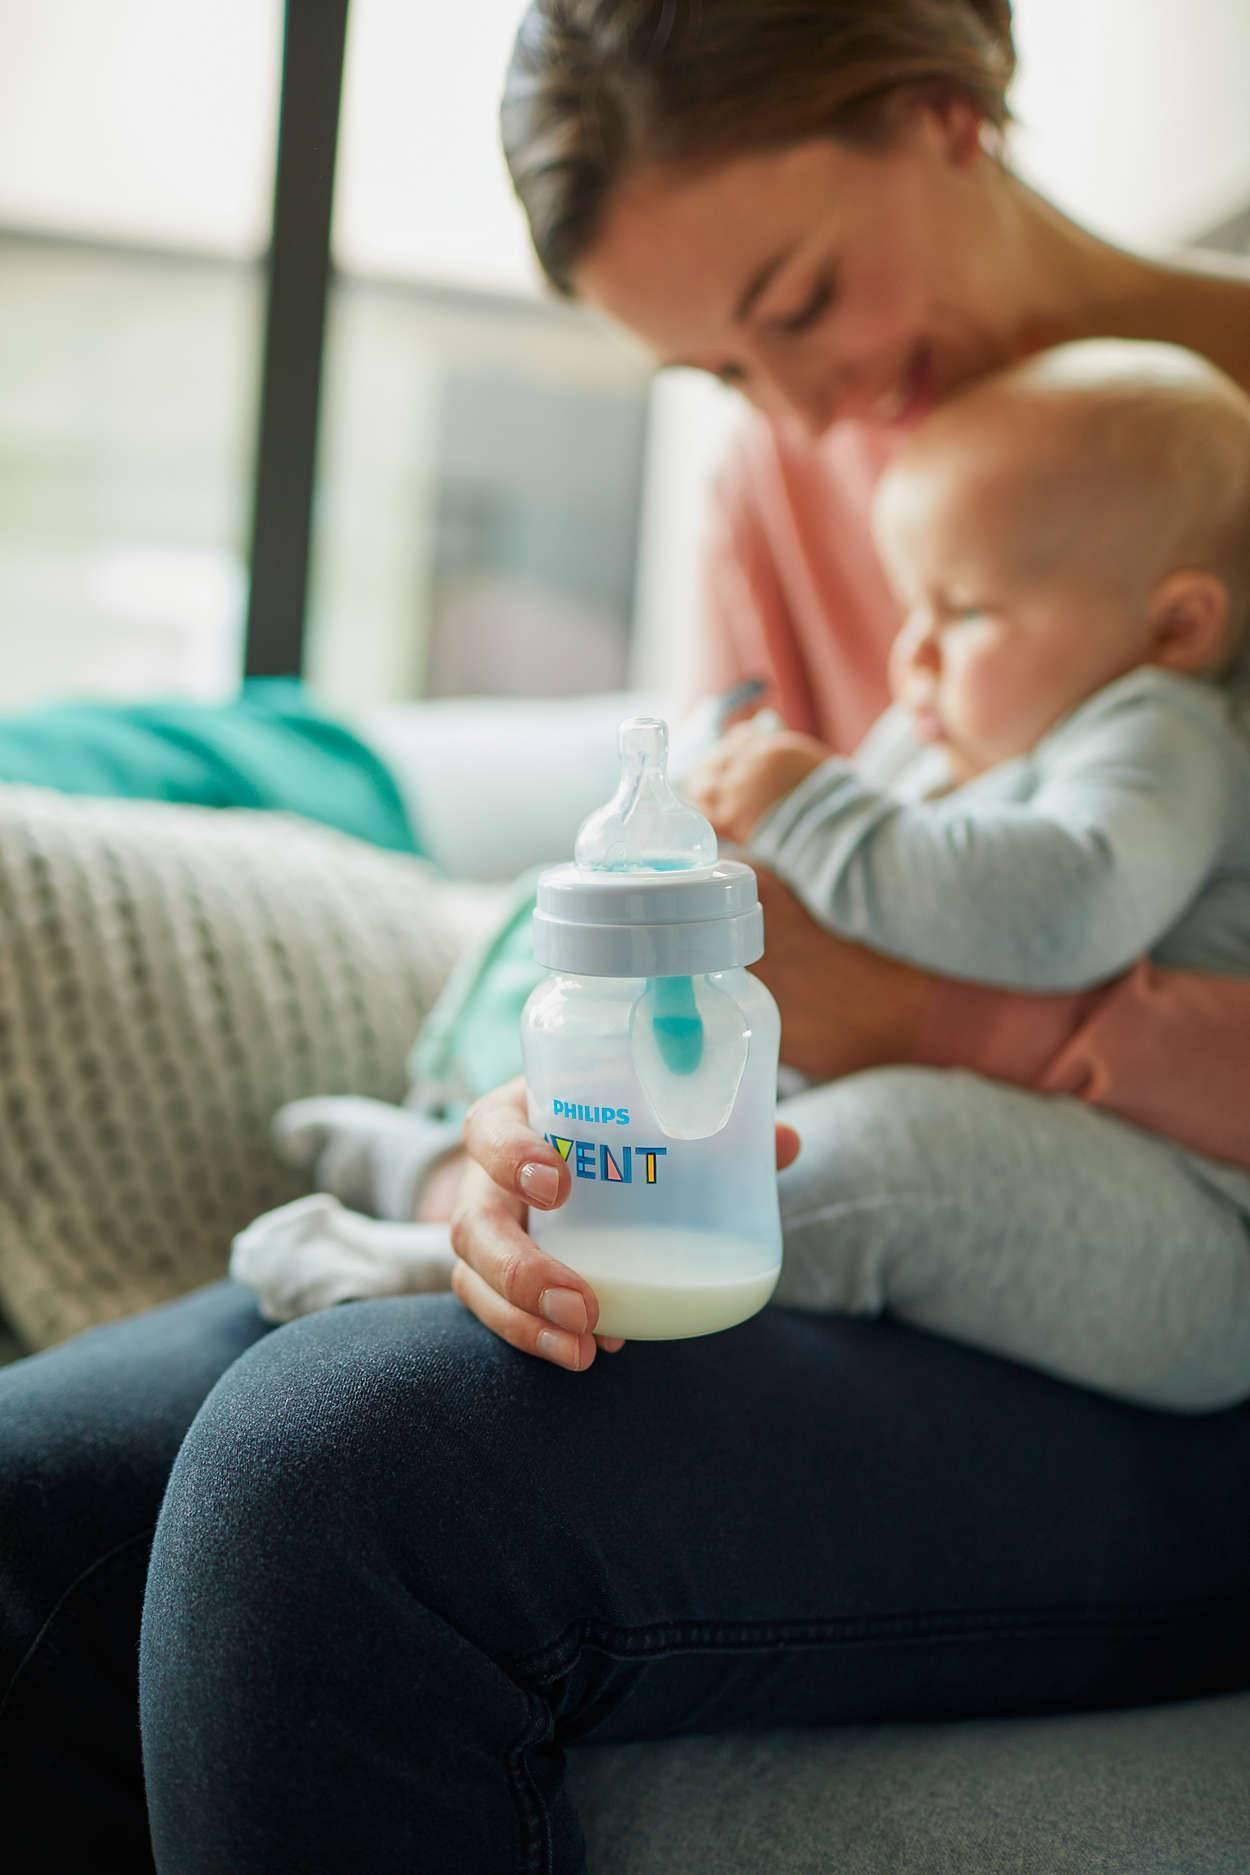 Рейтинг бутылочек для кормления 2020 года: лучшие классические и антиколиковые модели для новорожденных (топ-6)